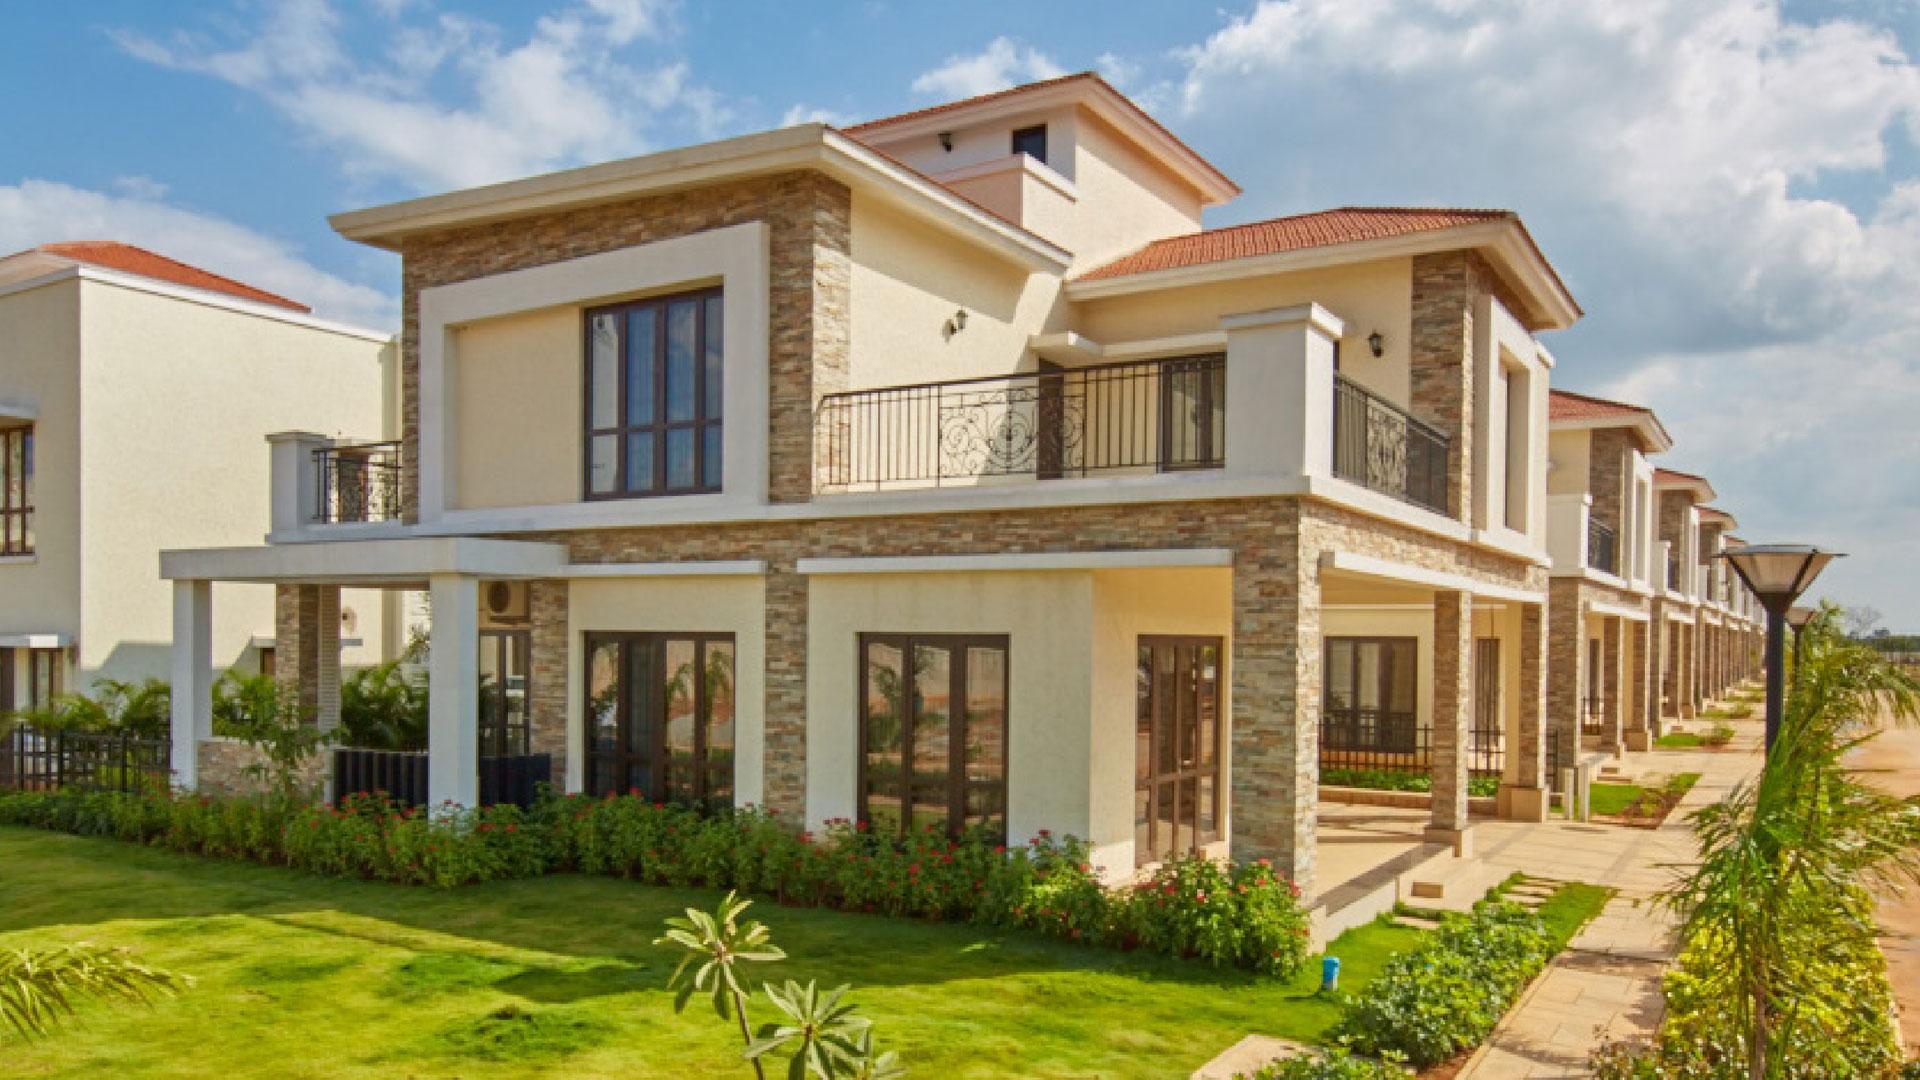 prestige-glenwood-Villas-in-Avalon-Layout-Bangalore-Image-02